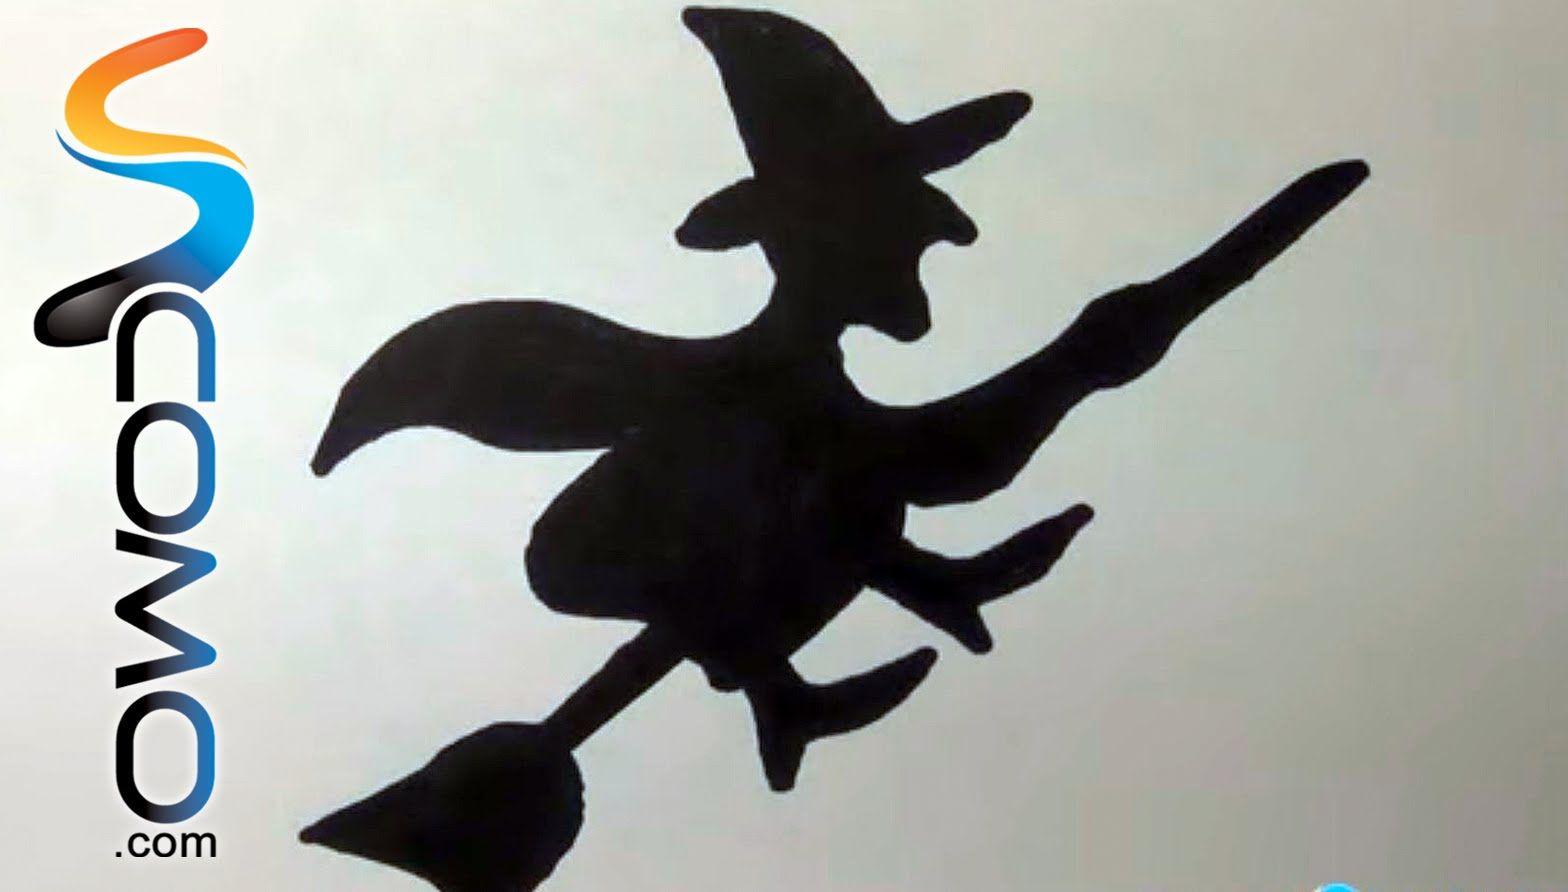 Cómo dibujar la silueta de una bruja  7a8d0884385